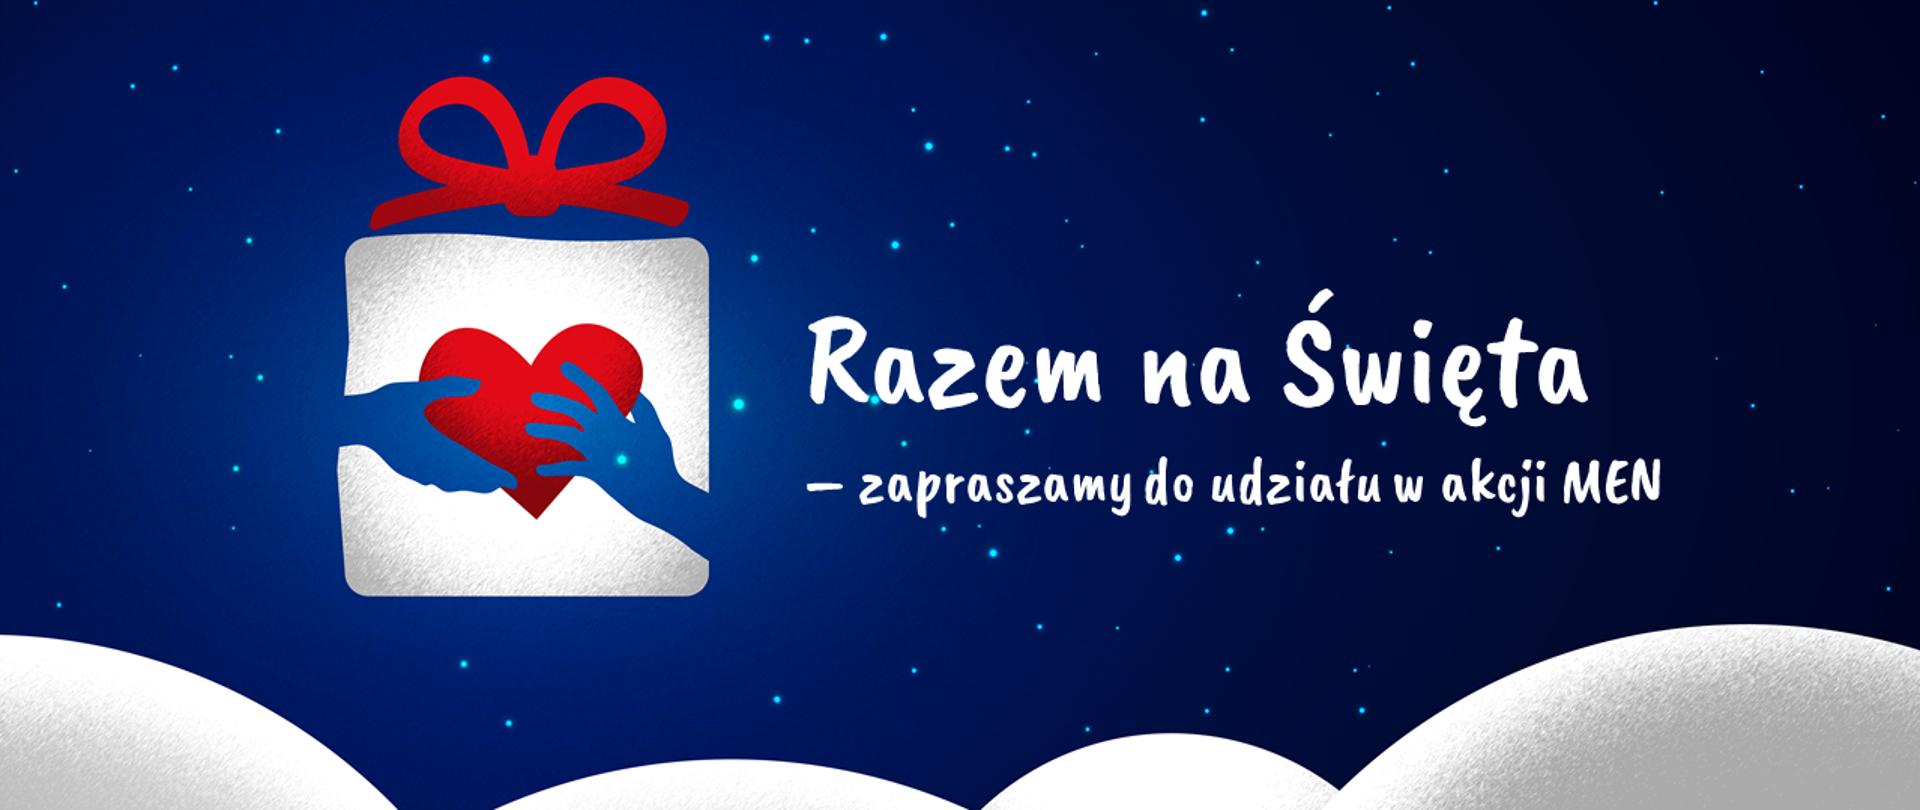 """Grafika z gwieździstym niebem i śniegiem. Na środku logo akcji """"Razem na Święta"""" oraz tekst """"Razem na Święta – zapraszamy do udziału w akcji MEN"""""""